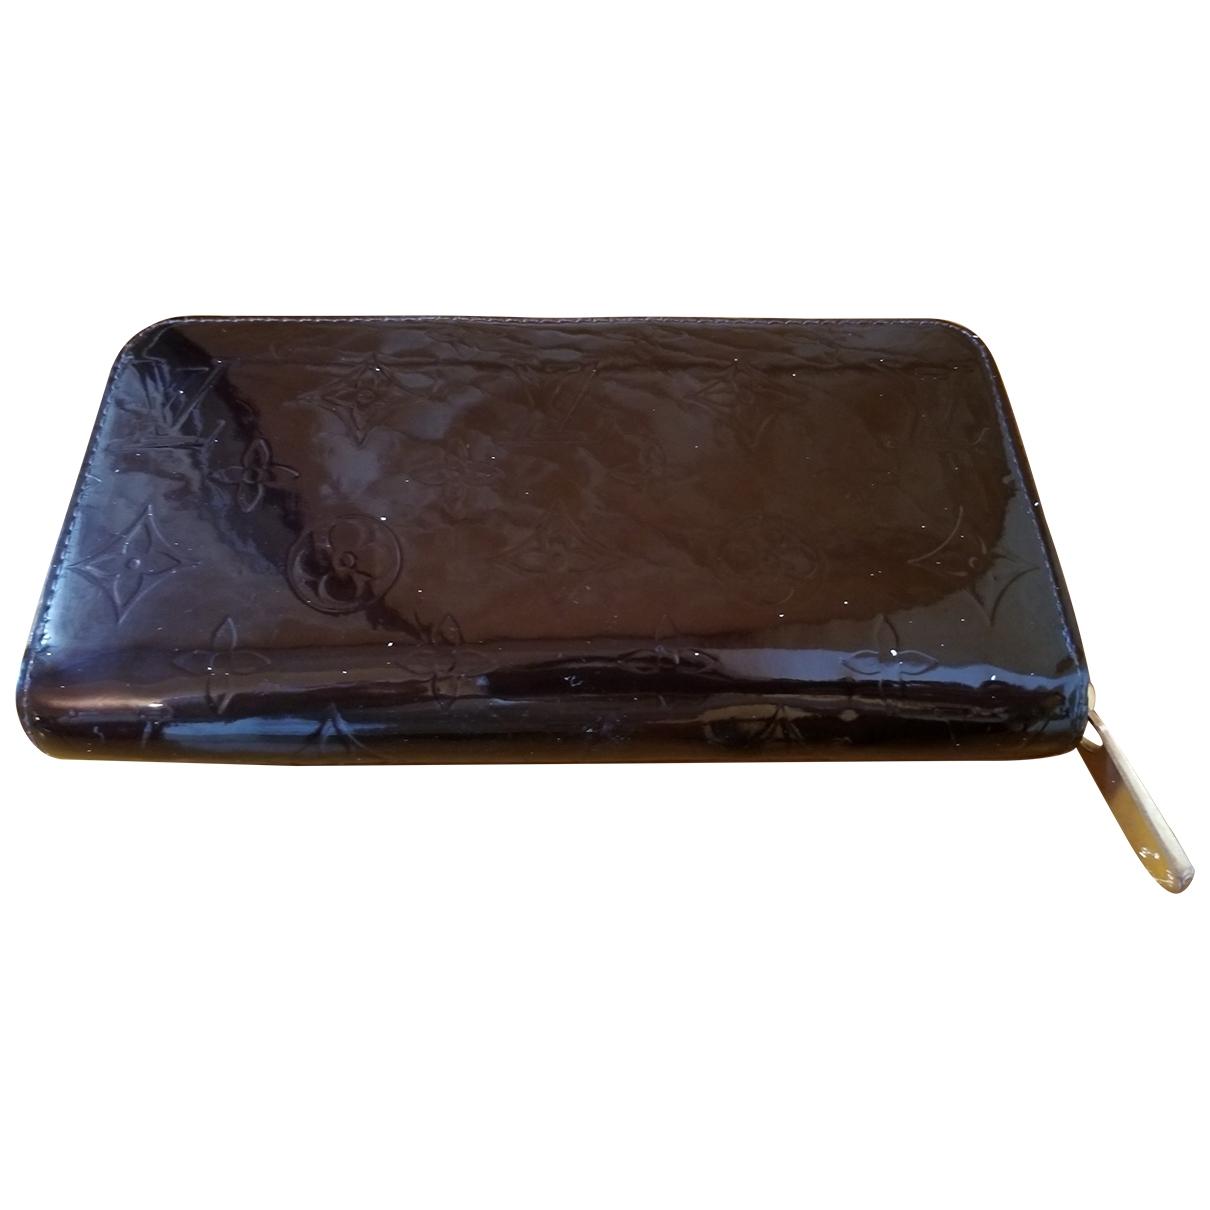 Louis Vuitton - Portefeuille Zippy pour femme en cuir verni - bordeaux